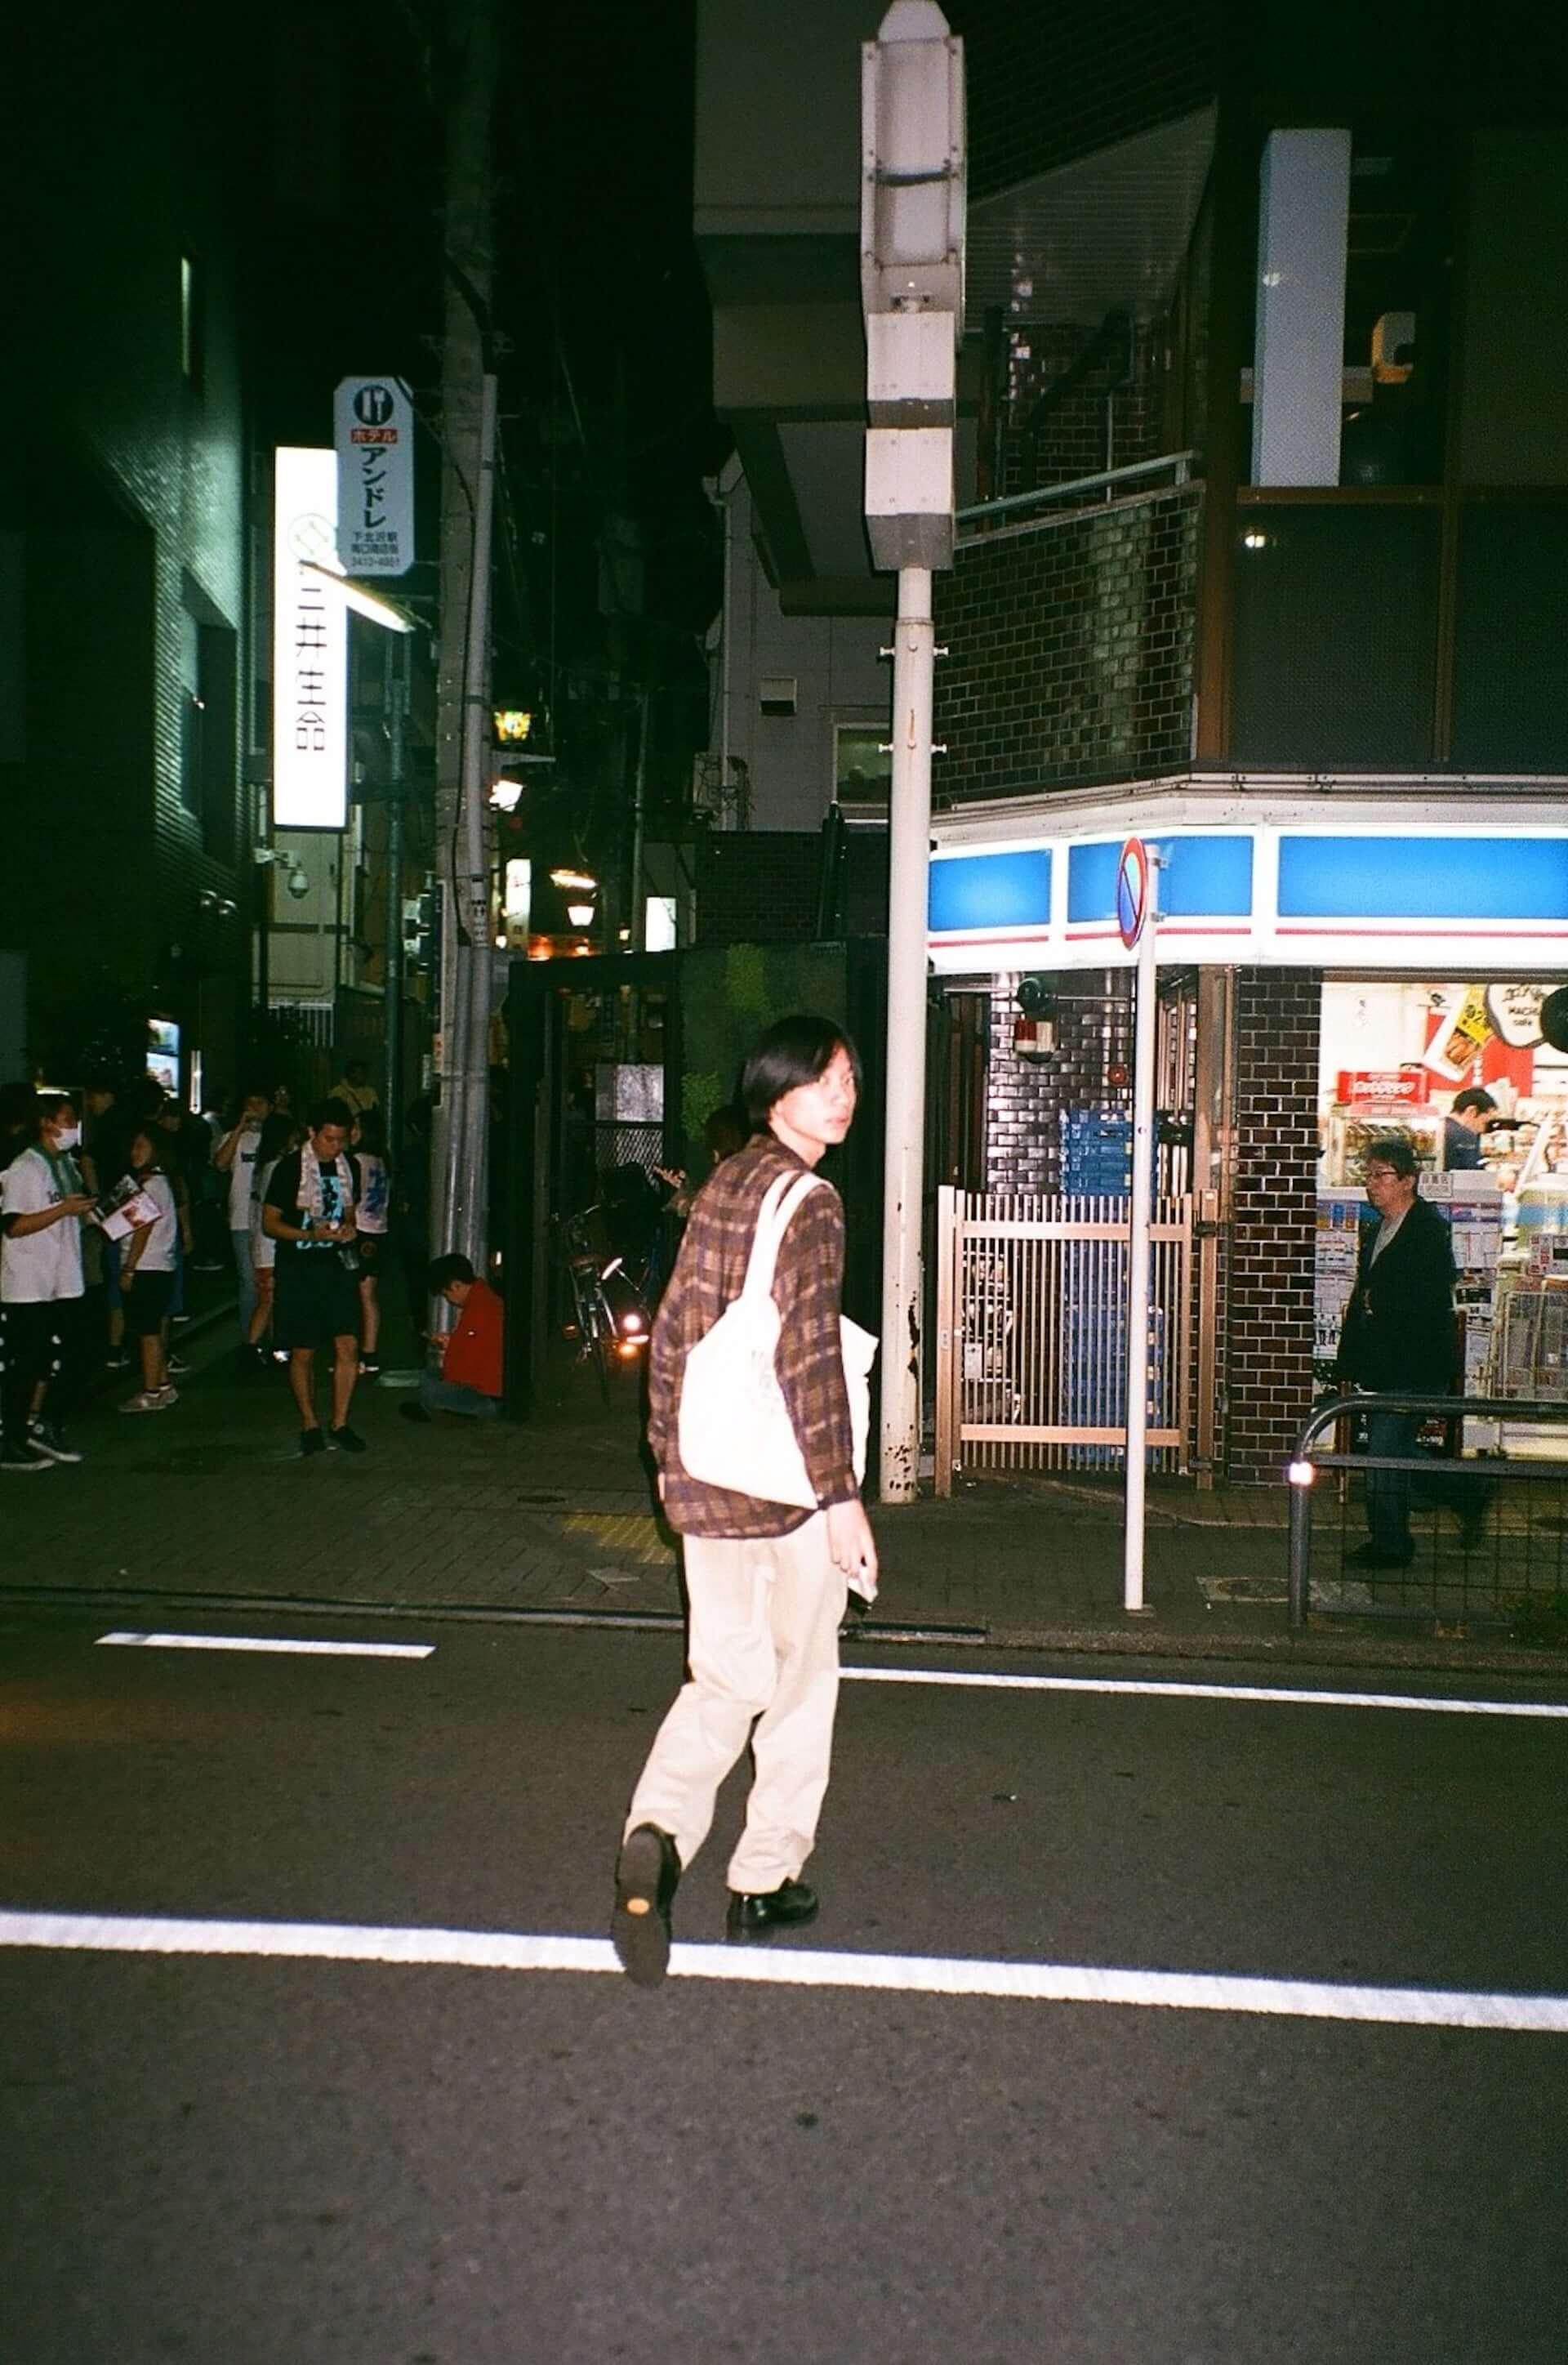 どうも東京の人にはなれなかったらしい|革命前夜 rarara181108-kakumeizennya-4-1920x2895